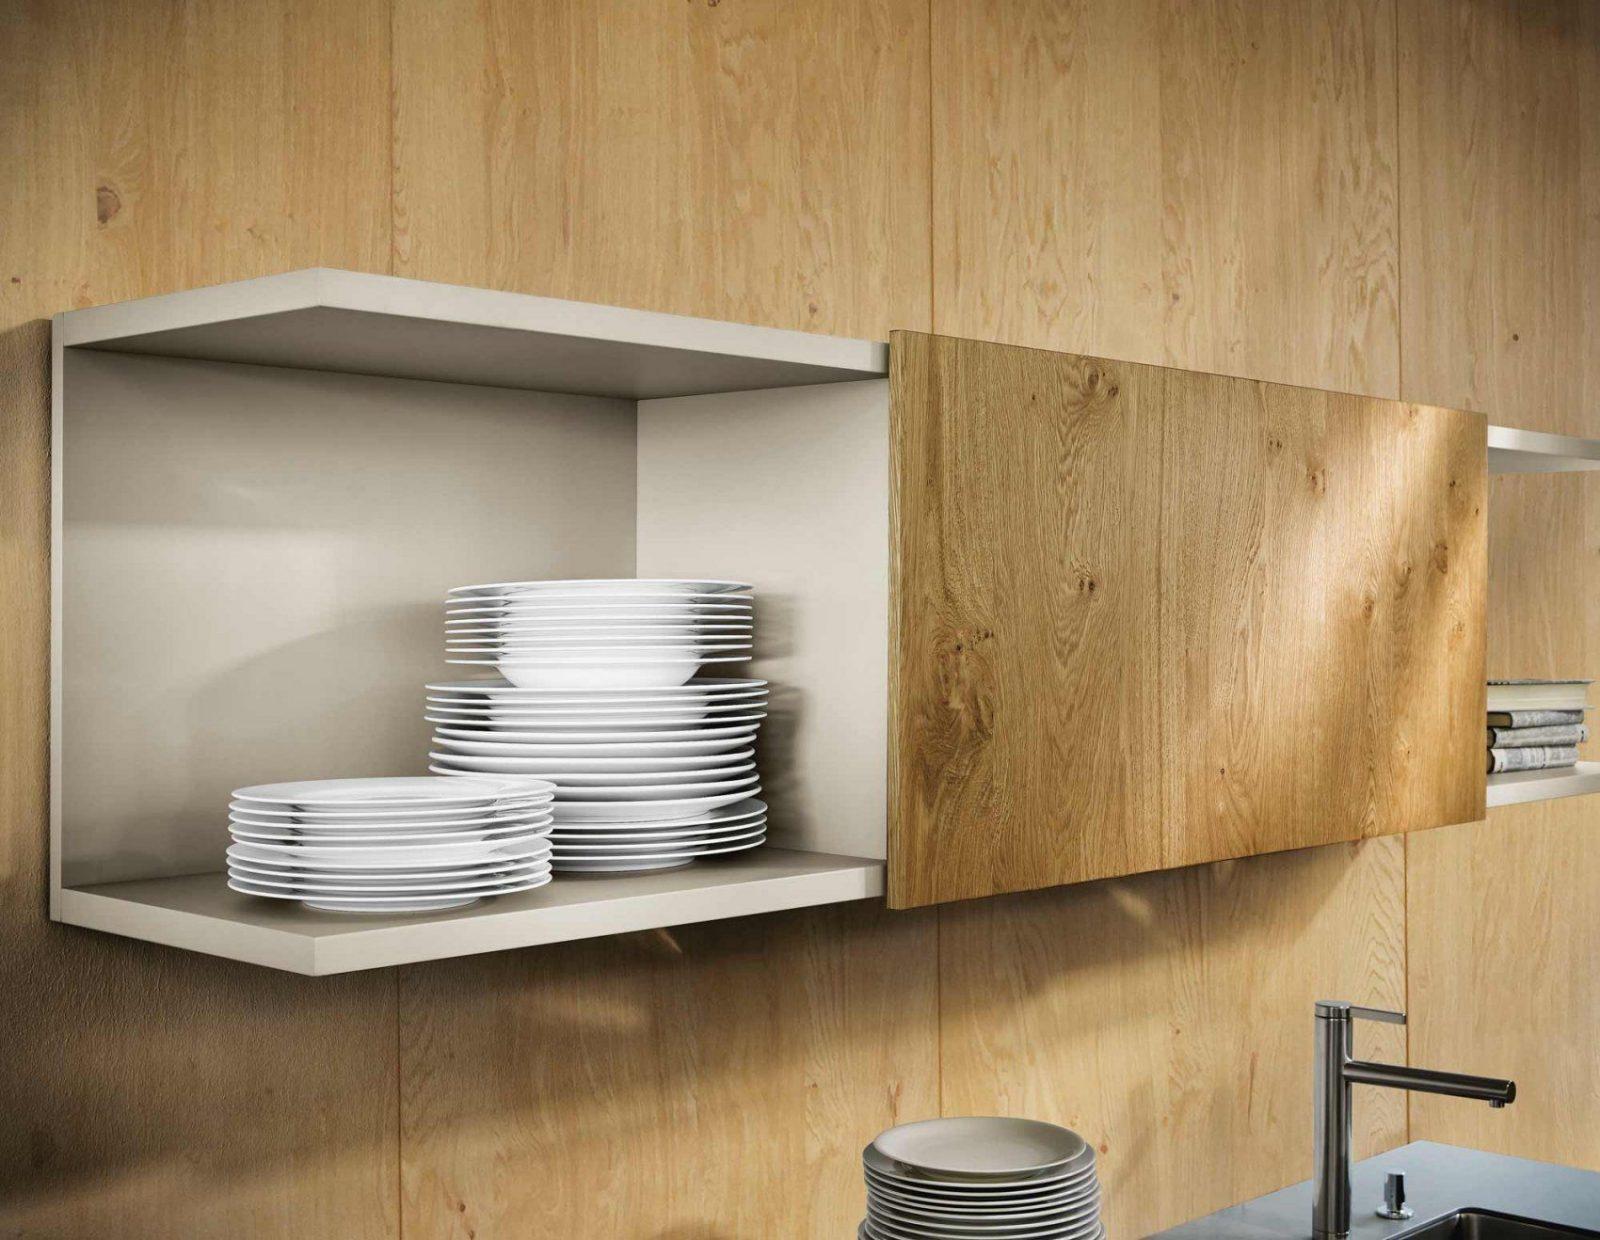 Ihre Neue Next125 Küche  Designküche Nx510 Mit Lackfront In Matt von Küchen Hängeschrank Mit Schiebetüren Bild